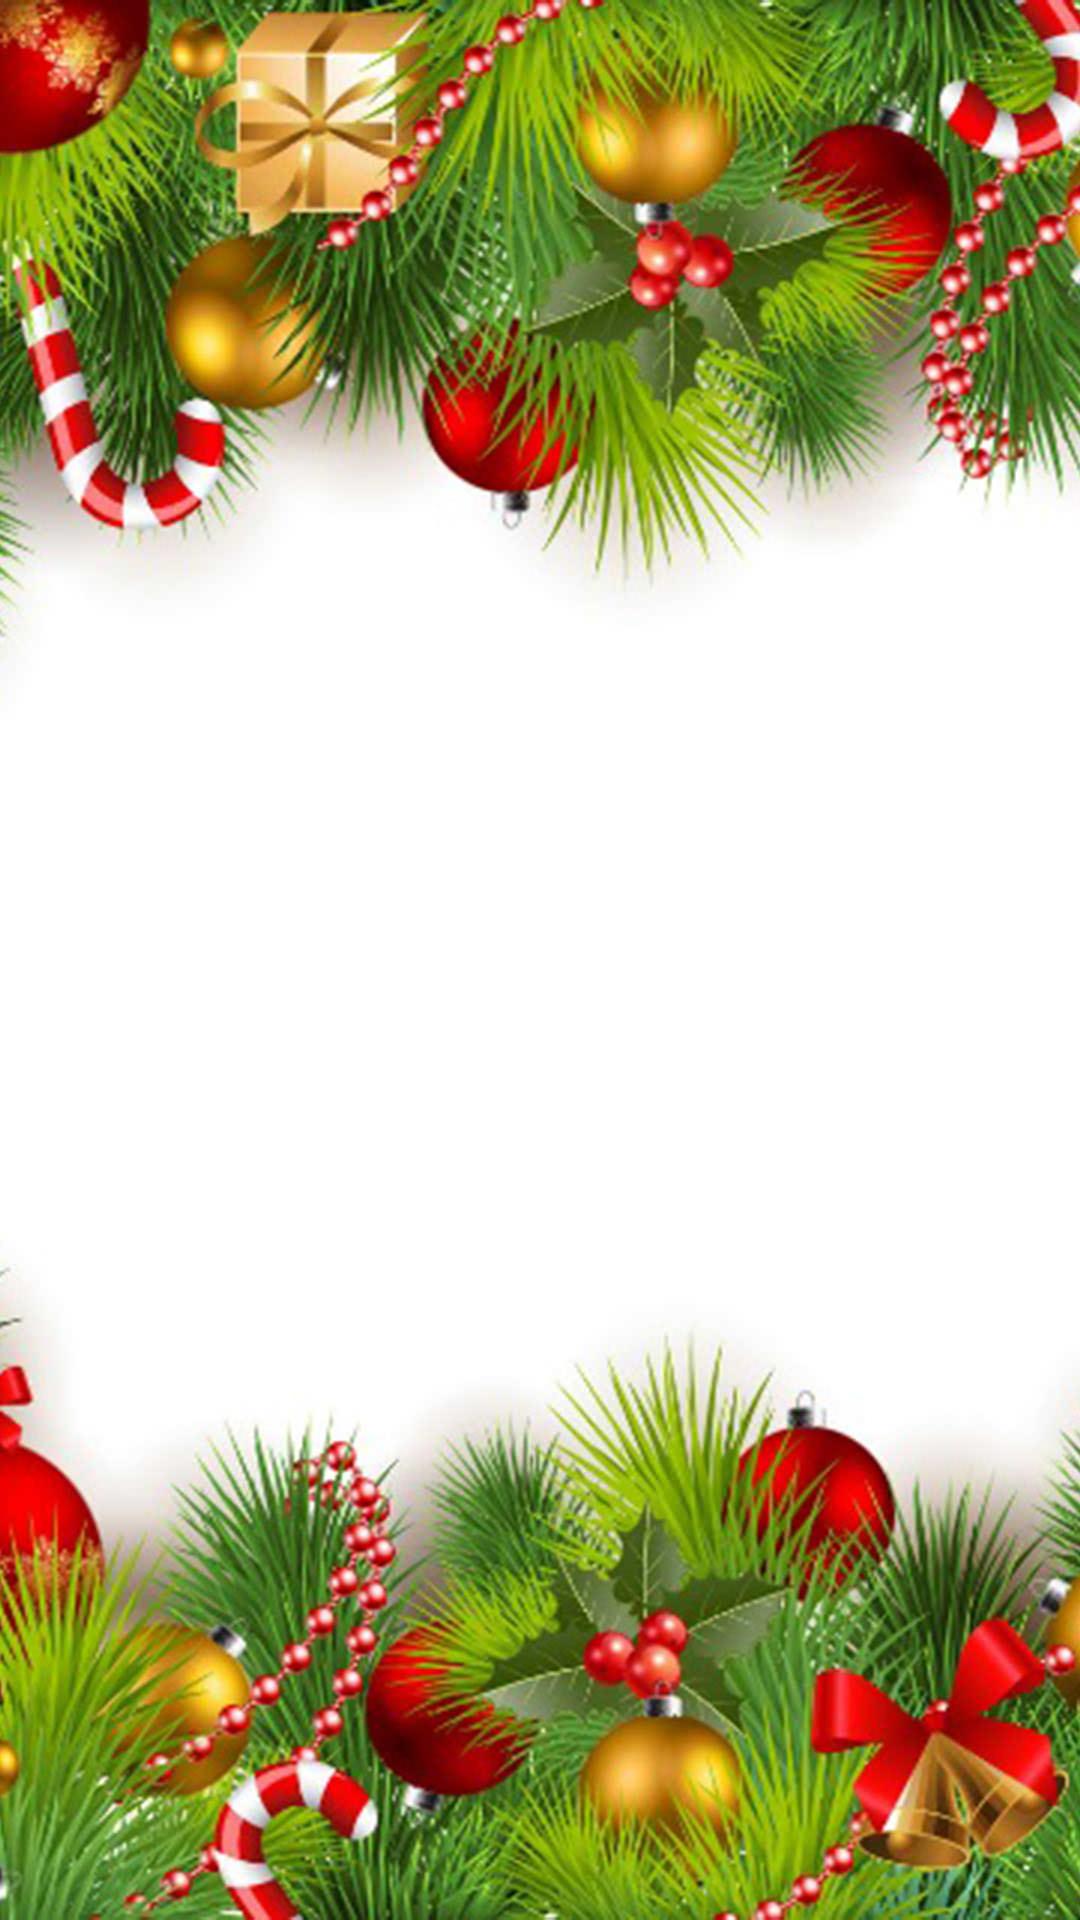 Christmas Bell | wallpaper.sc iPhone6sPlus